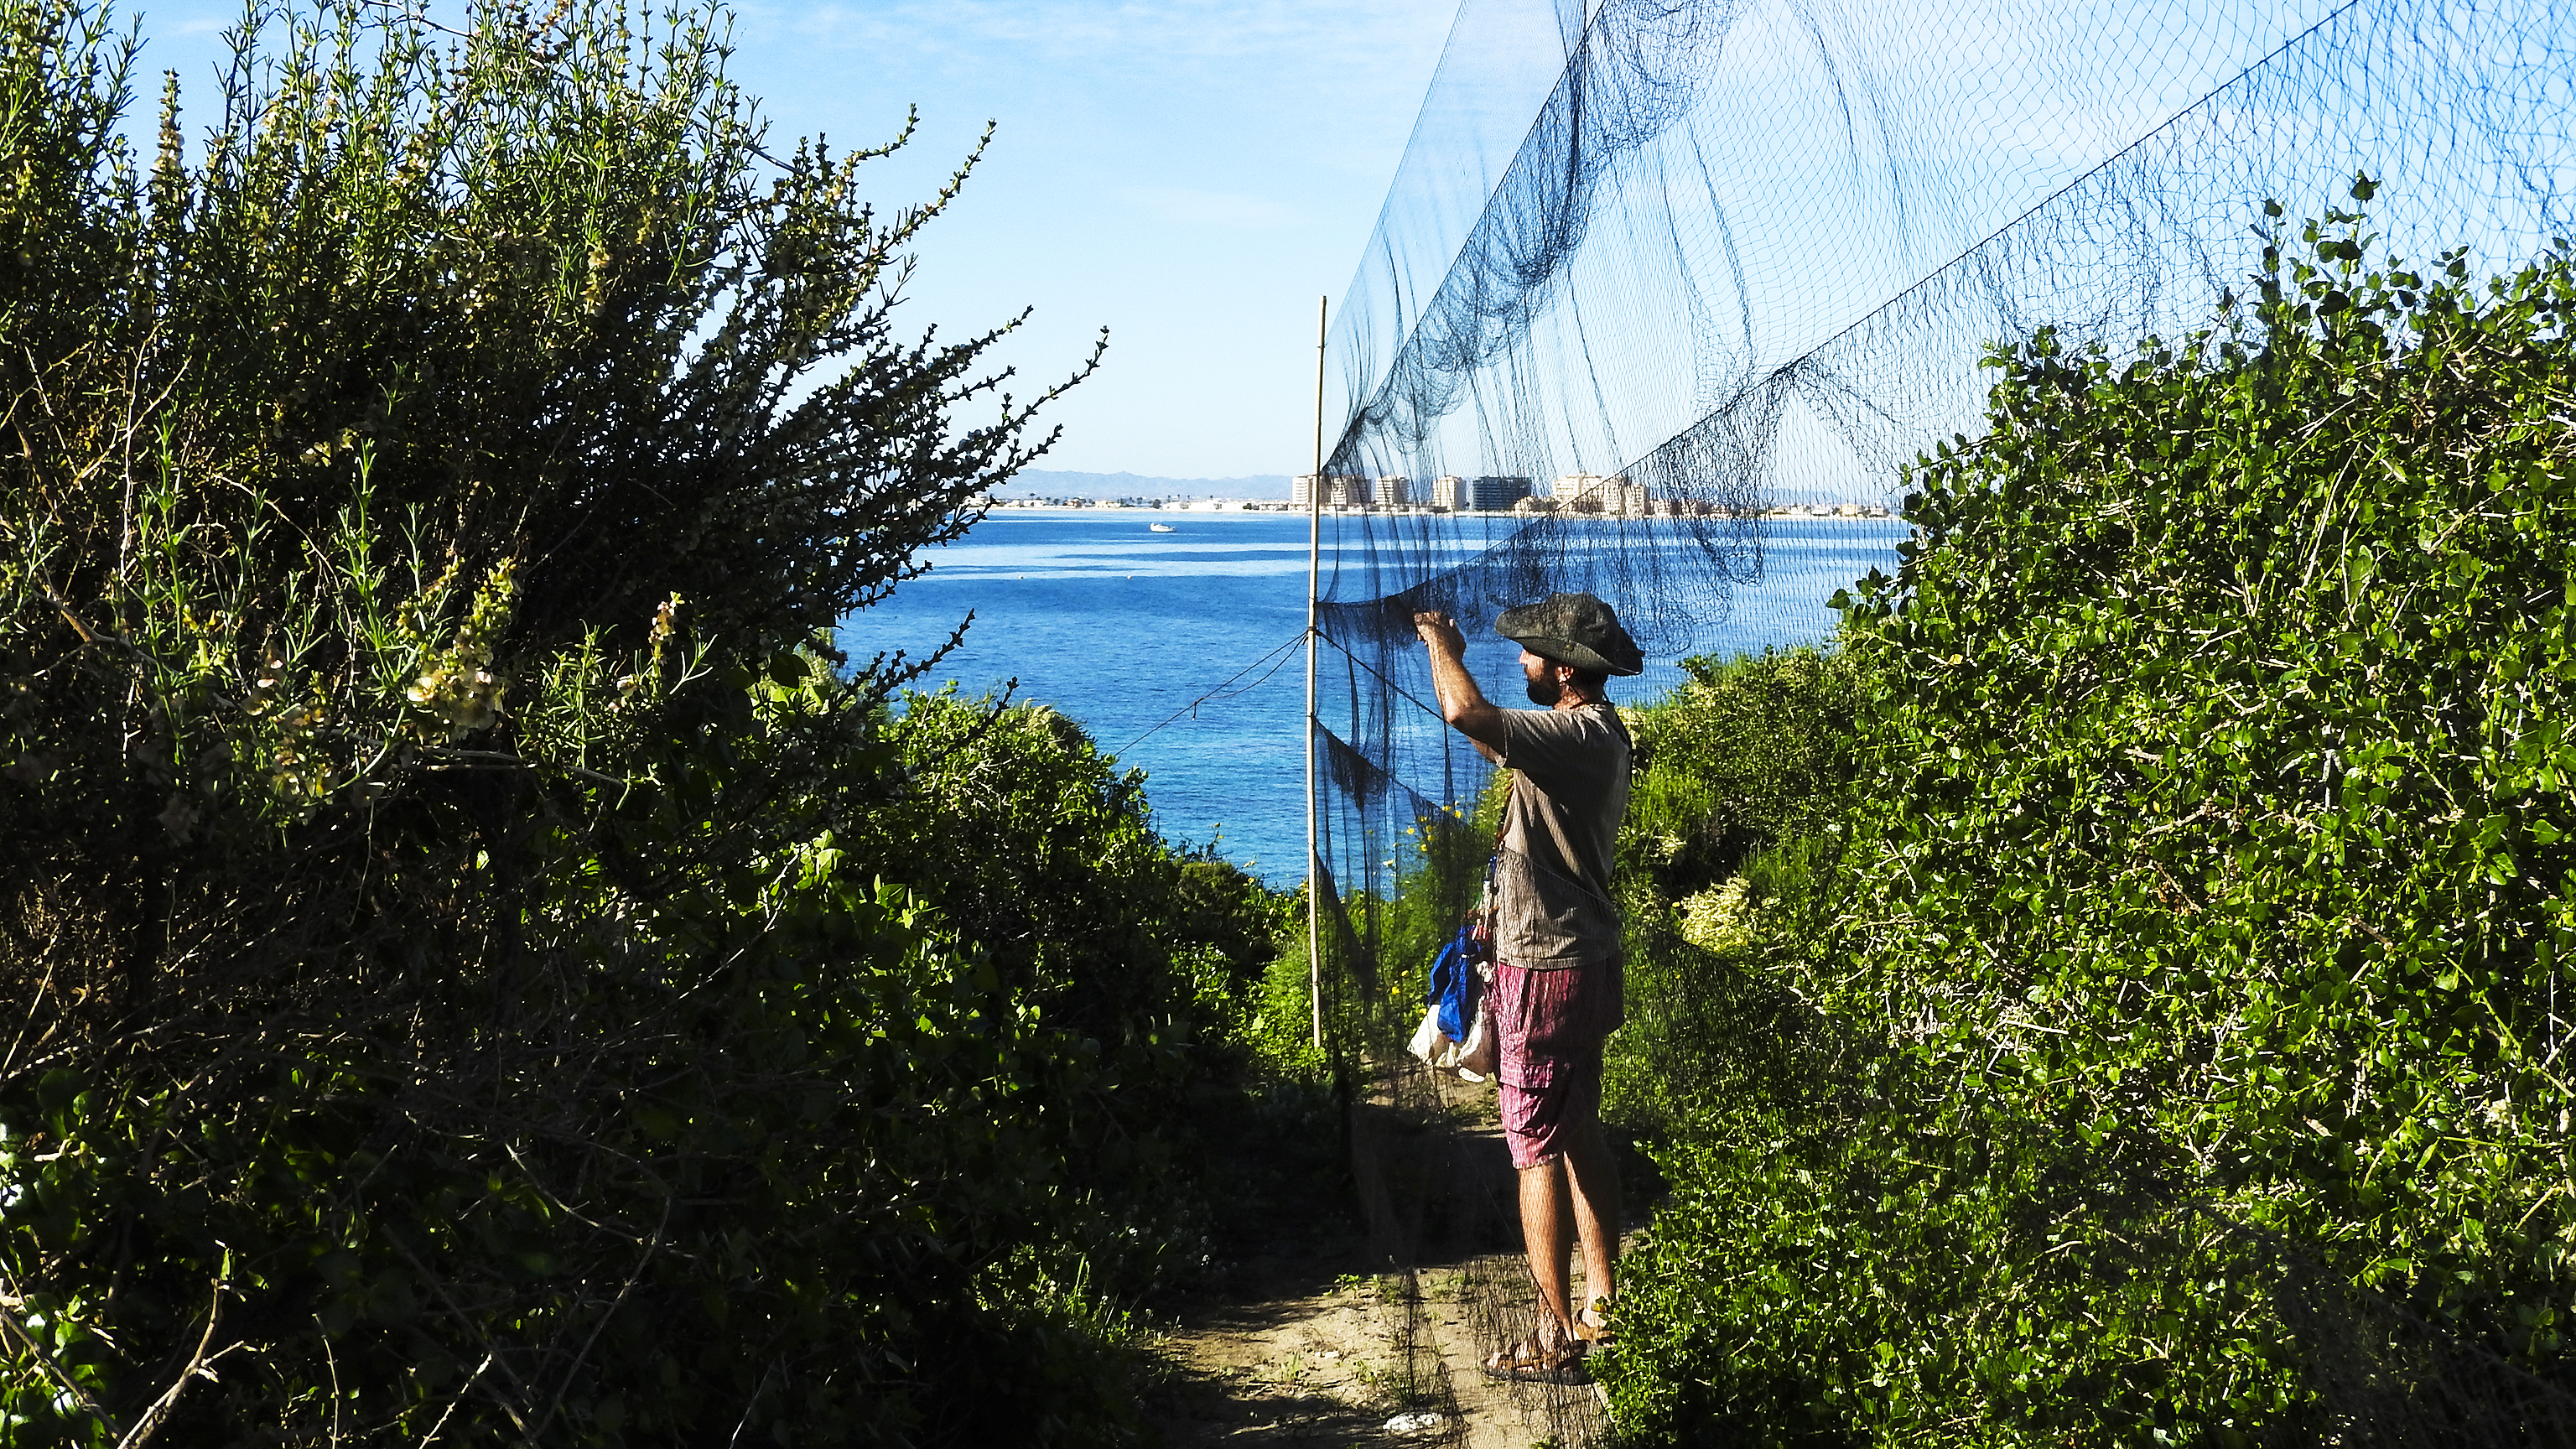 Un momento del cuidadoso trabajo en las redes. Imagen: A.Palacios/ANSE